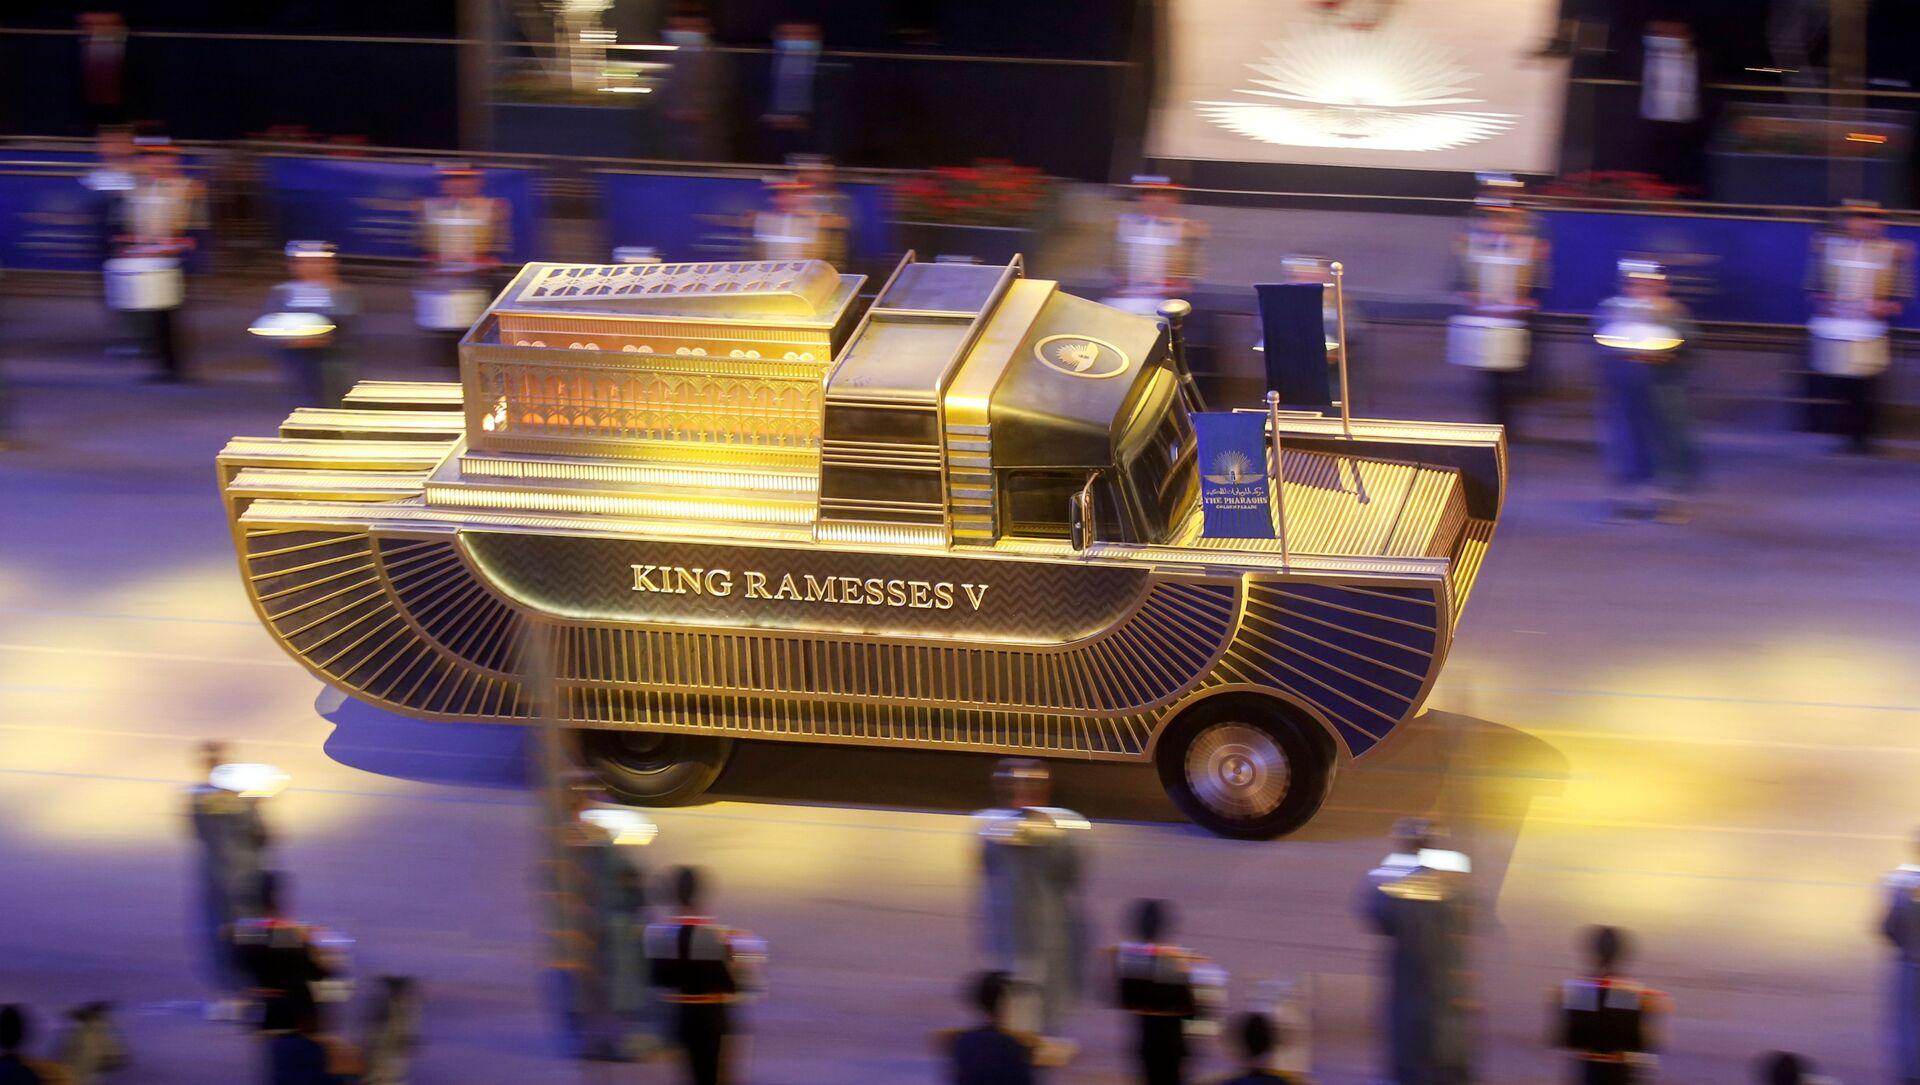 Мумию короля Рамсеса V перевозят из Египетского музея в Тахрире в Национальный музей египетской цивилизации - Sputnik Беларусь, 1920, 04.04.2021